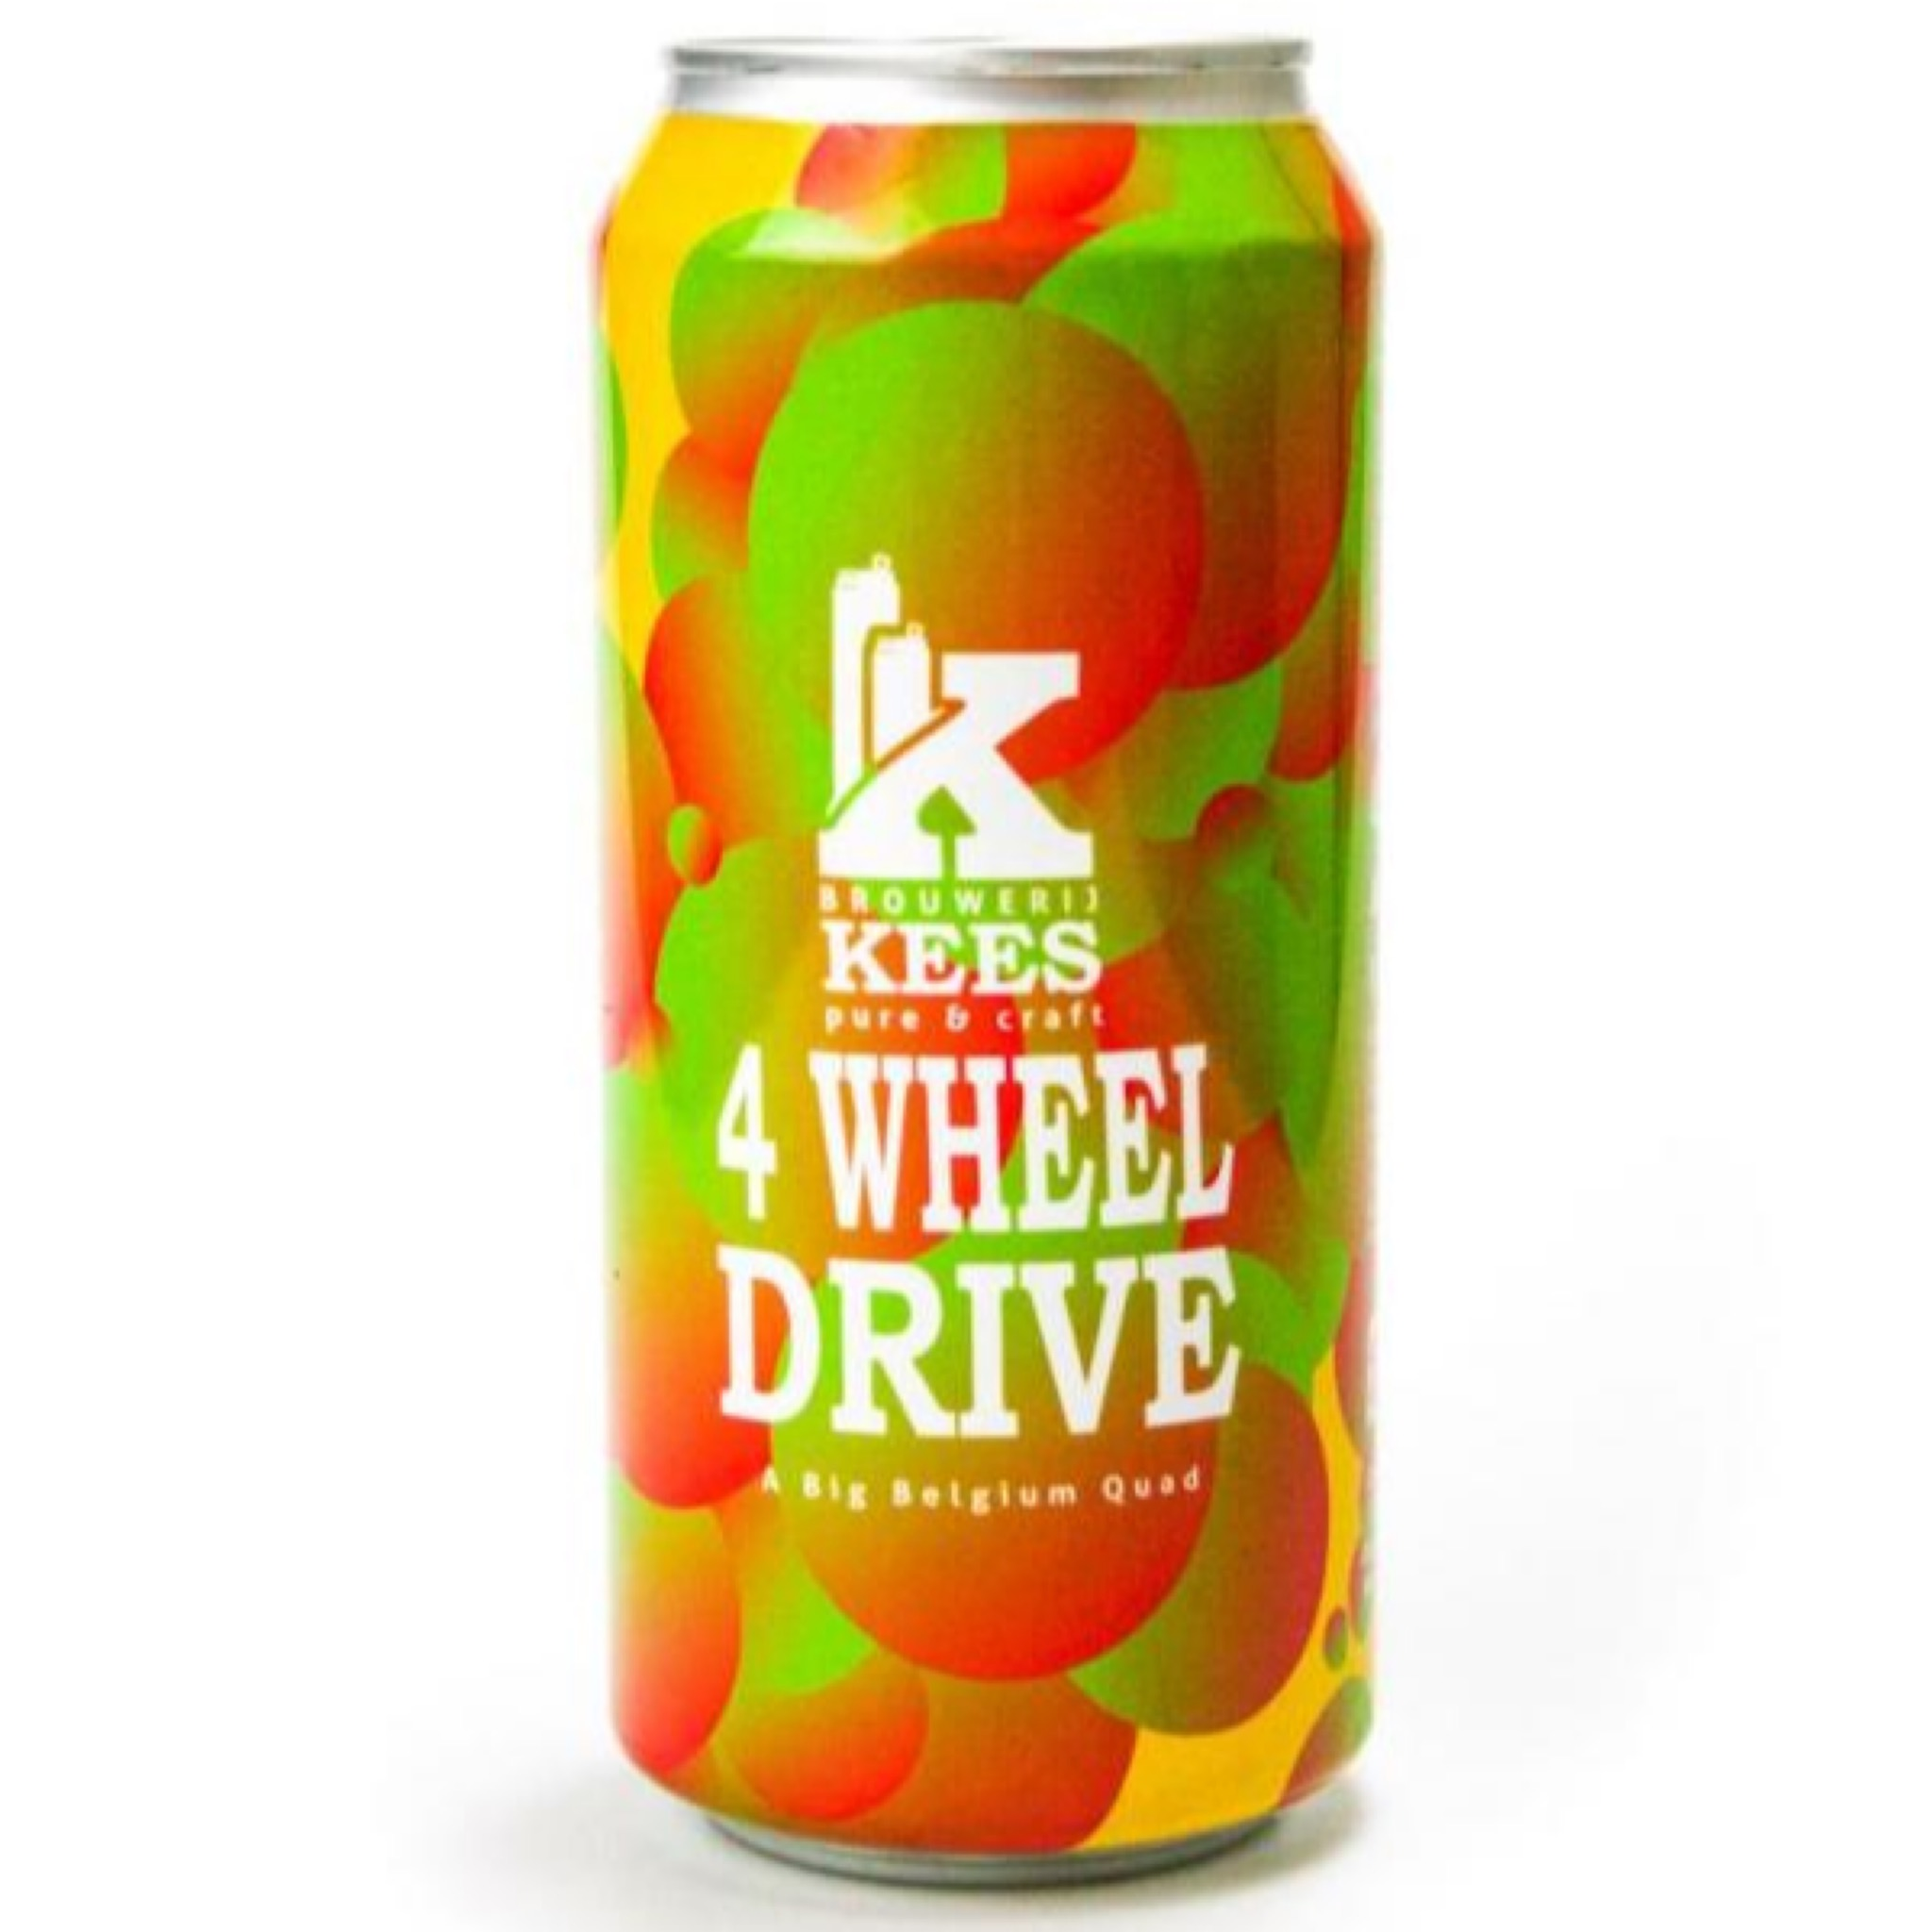 4 Wheel Drive Belgian Quad 10.2% 440ml  Brouwerij Kees